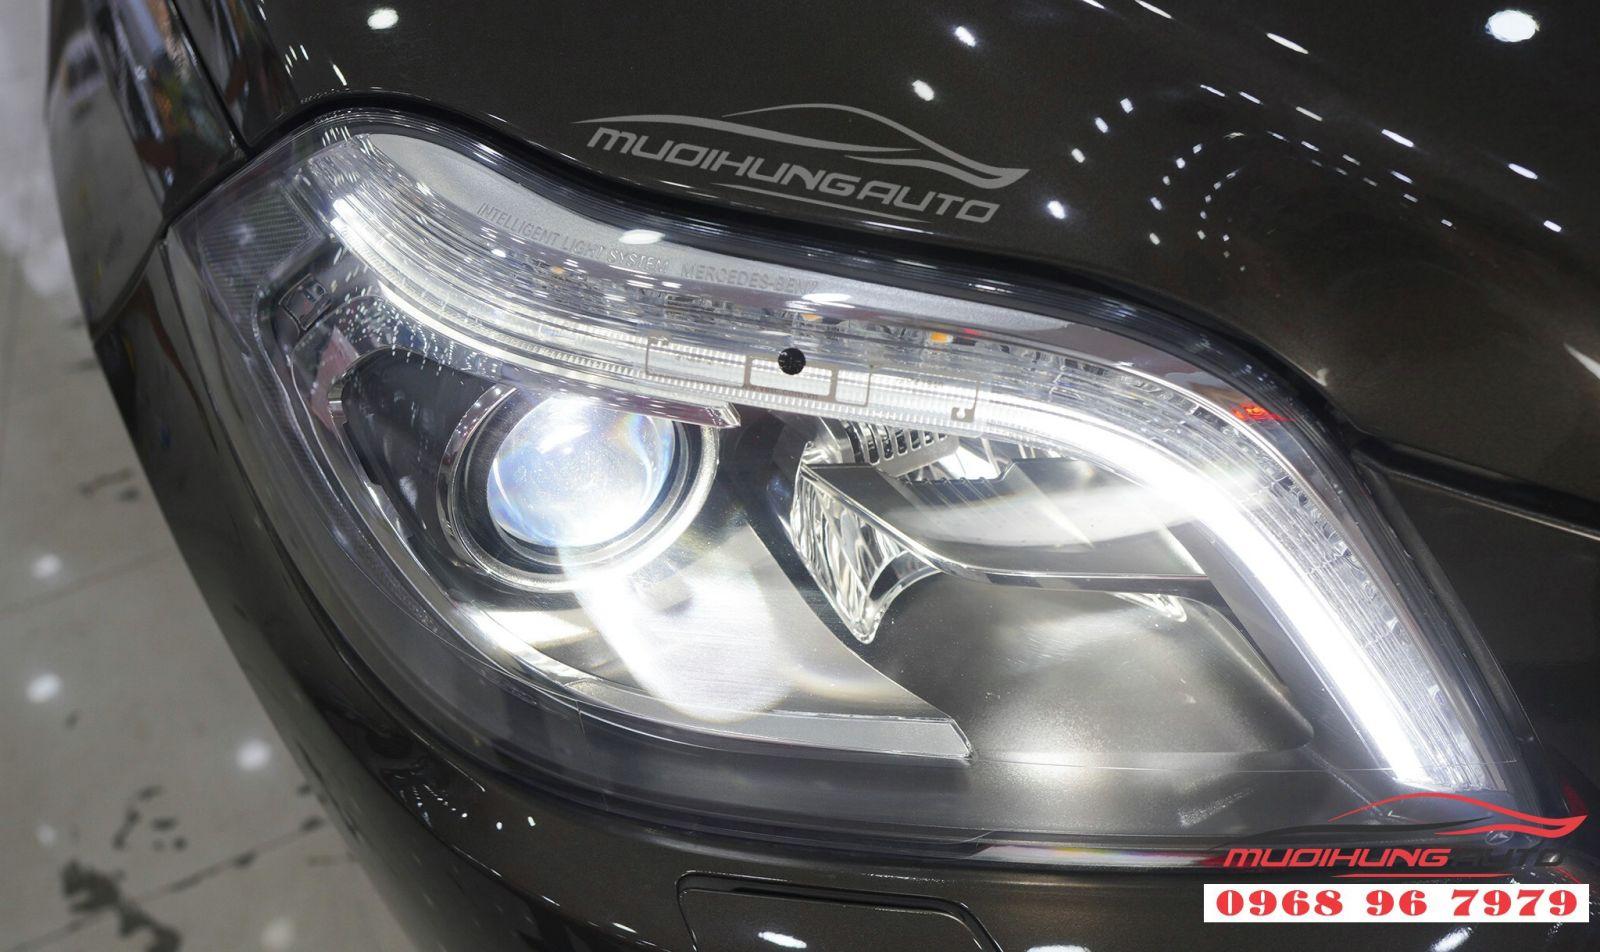 Thay Bi Xenon đèn pha cho Mercedes GLS 05